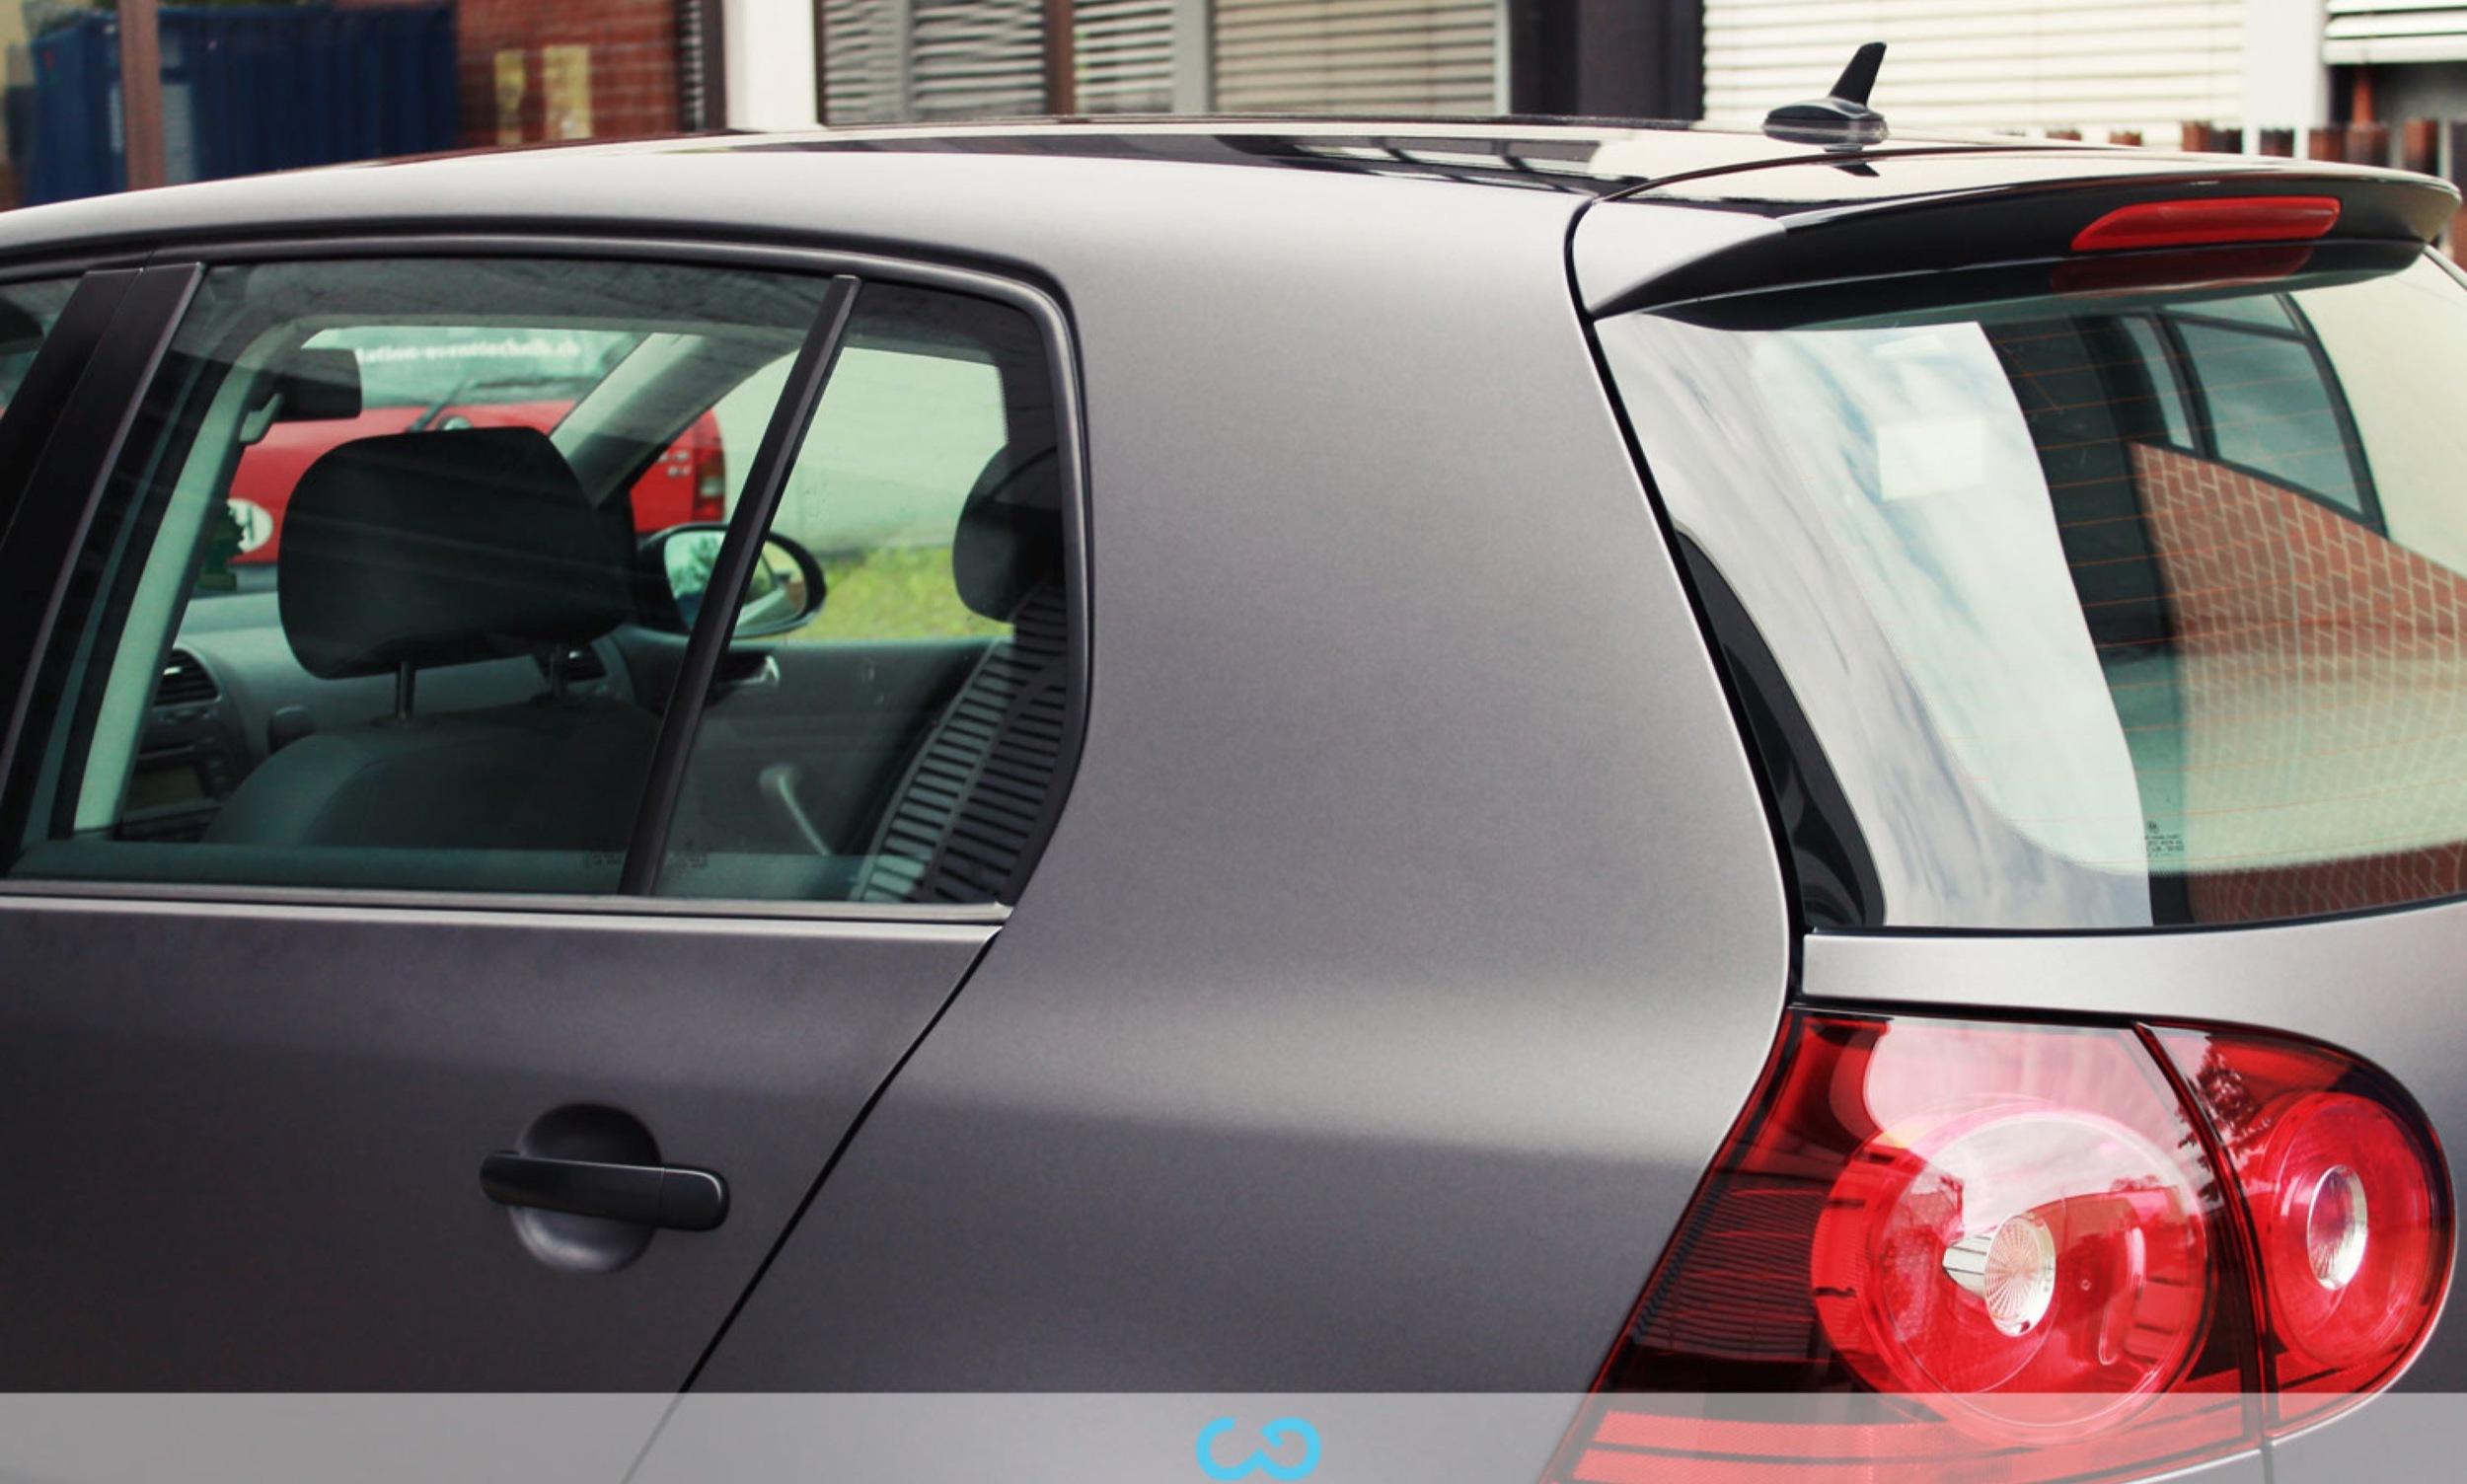 autofolierung-car-wrapping-5-teilfolierung-dach-schwarz-vw-golf-silber-2013-01-031.jpg